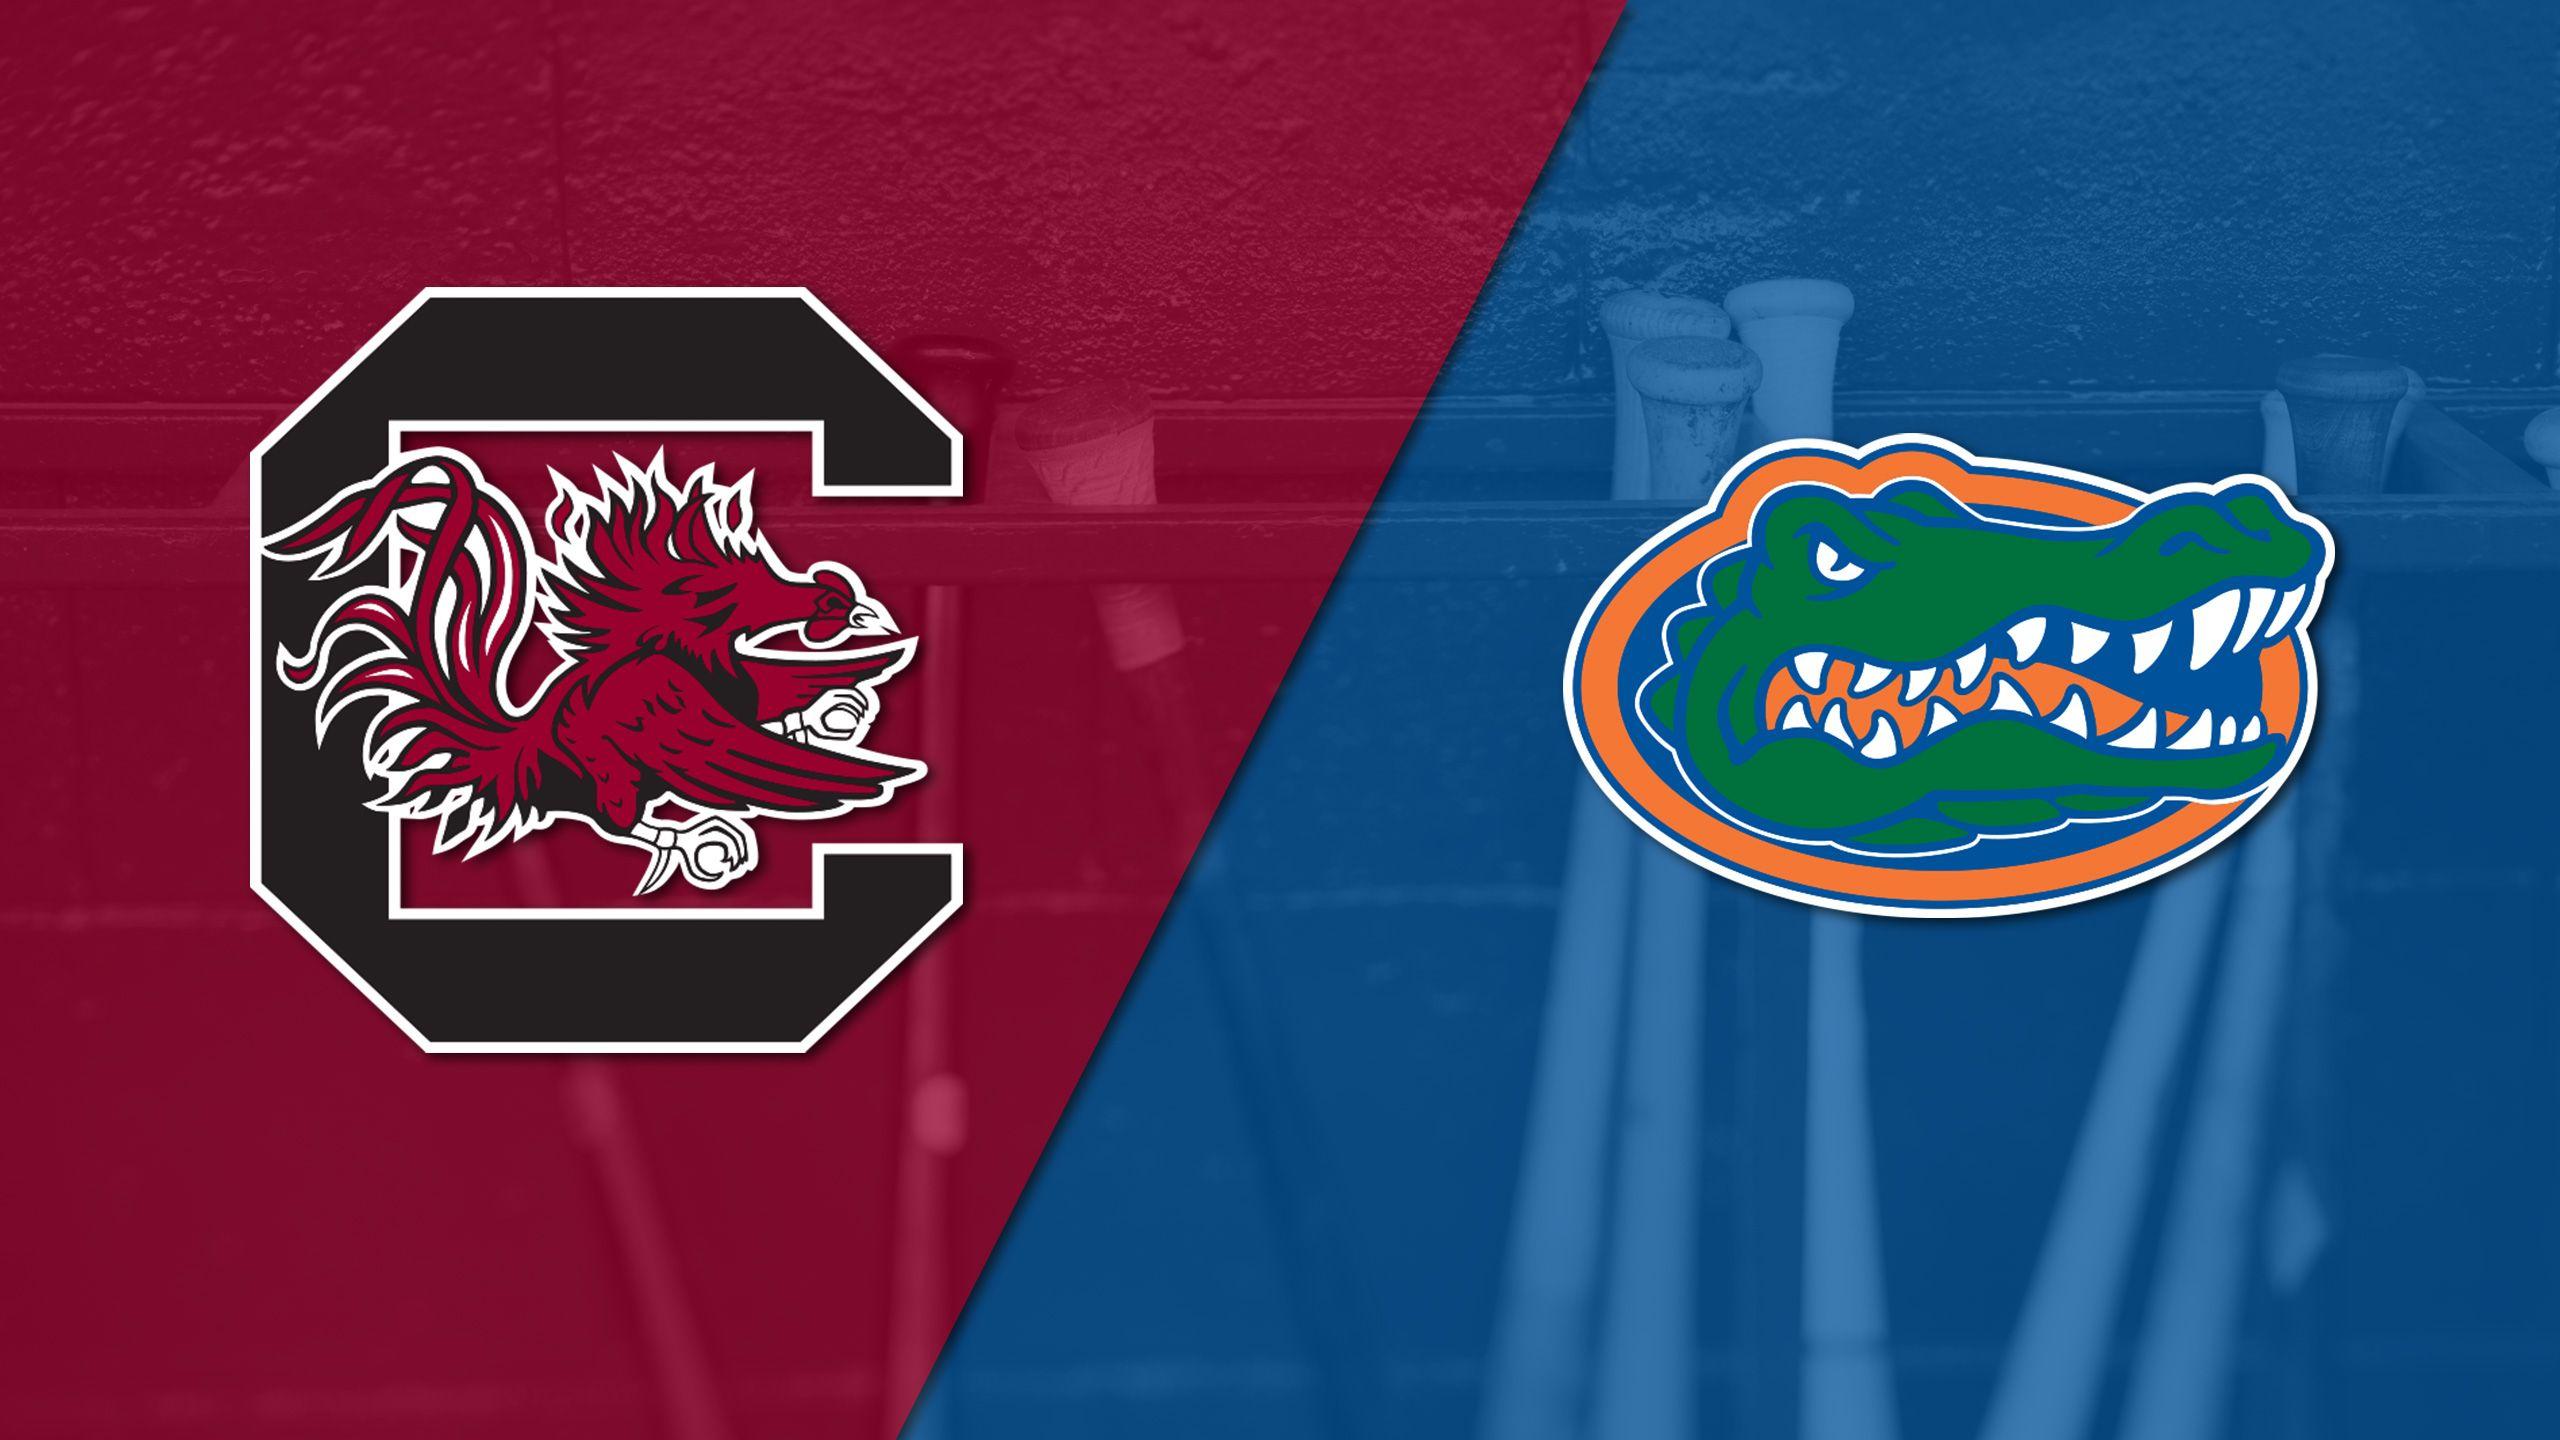 #18 South Carolina vs. #10 Florida (Baseball)